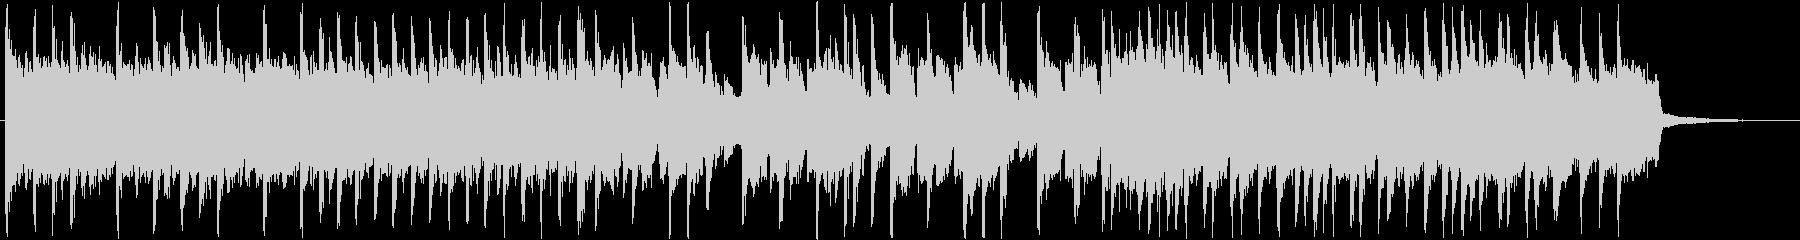 スローテンポから一転のアップテンポロックの未再生の波形